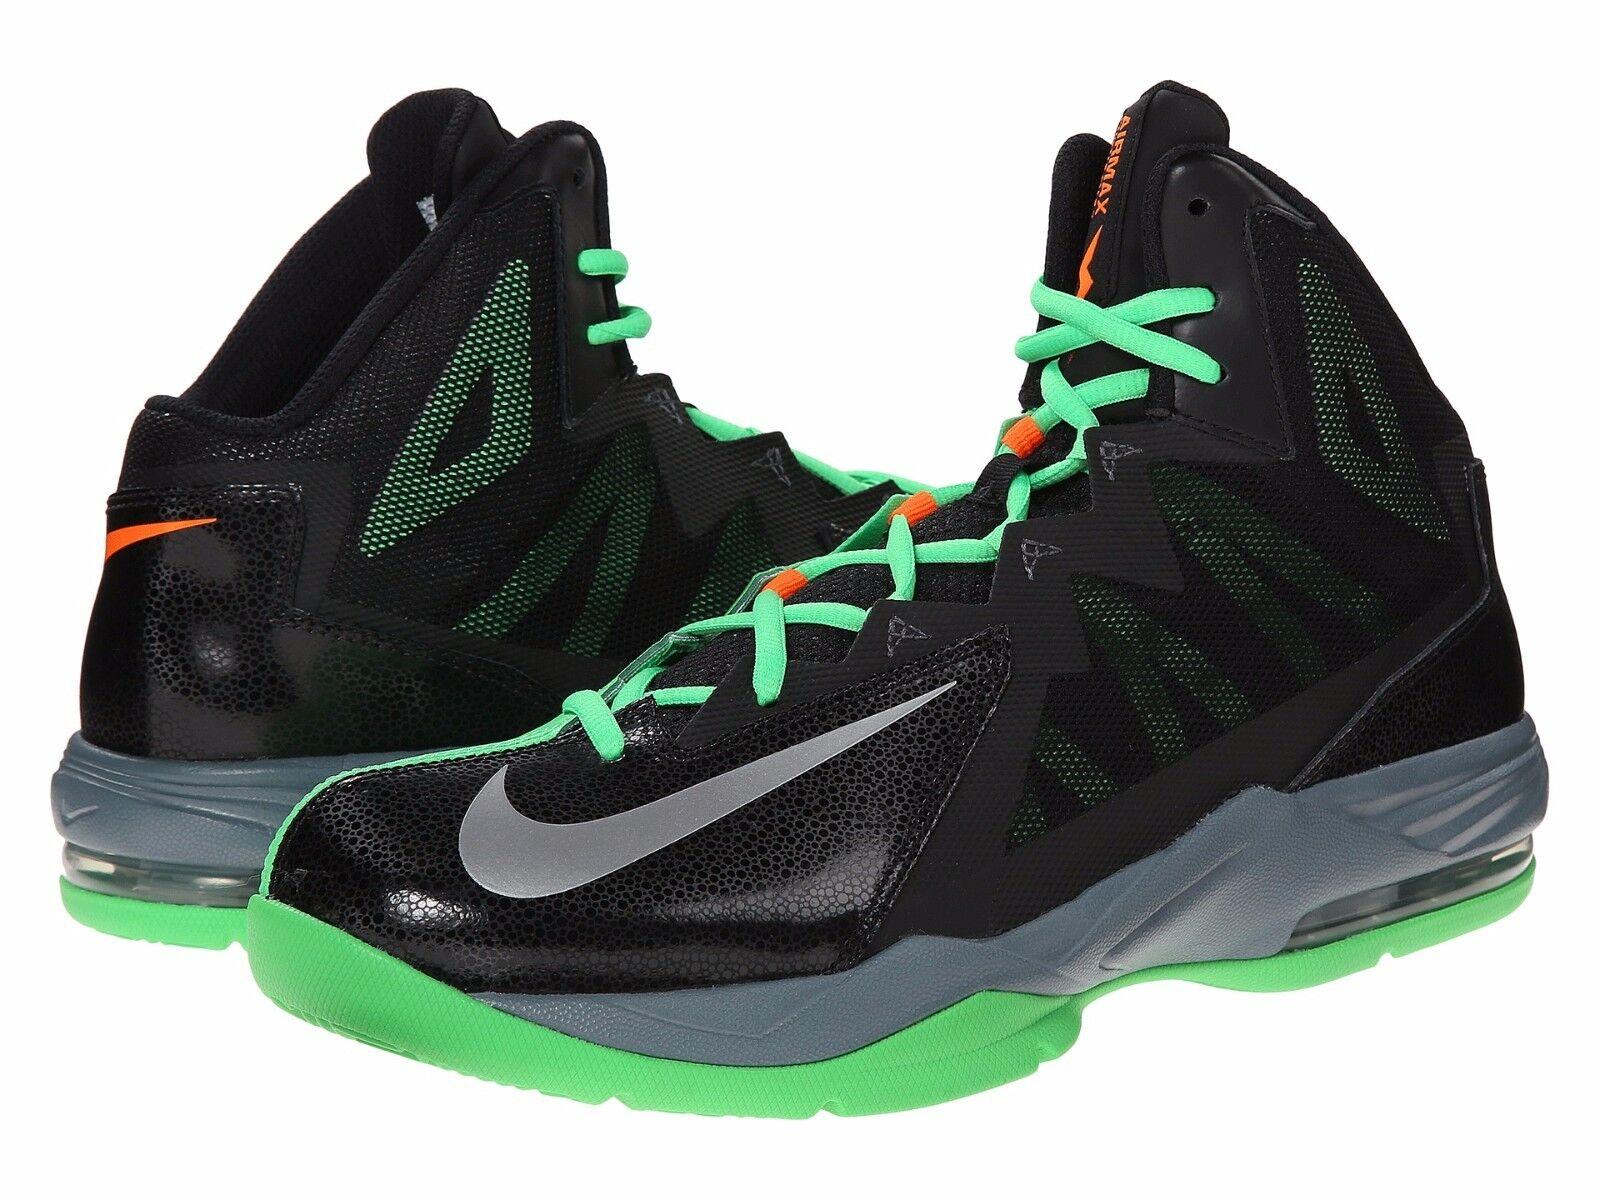 Nike air max uomini balbettare passo 2 scarpe da basket, 653455 multi - confezioni blk / 007